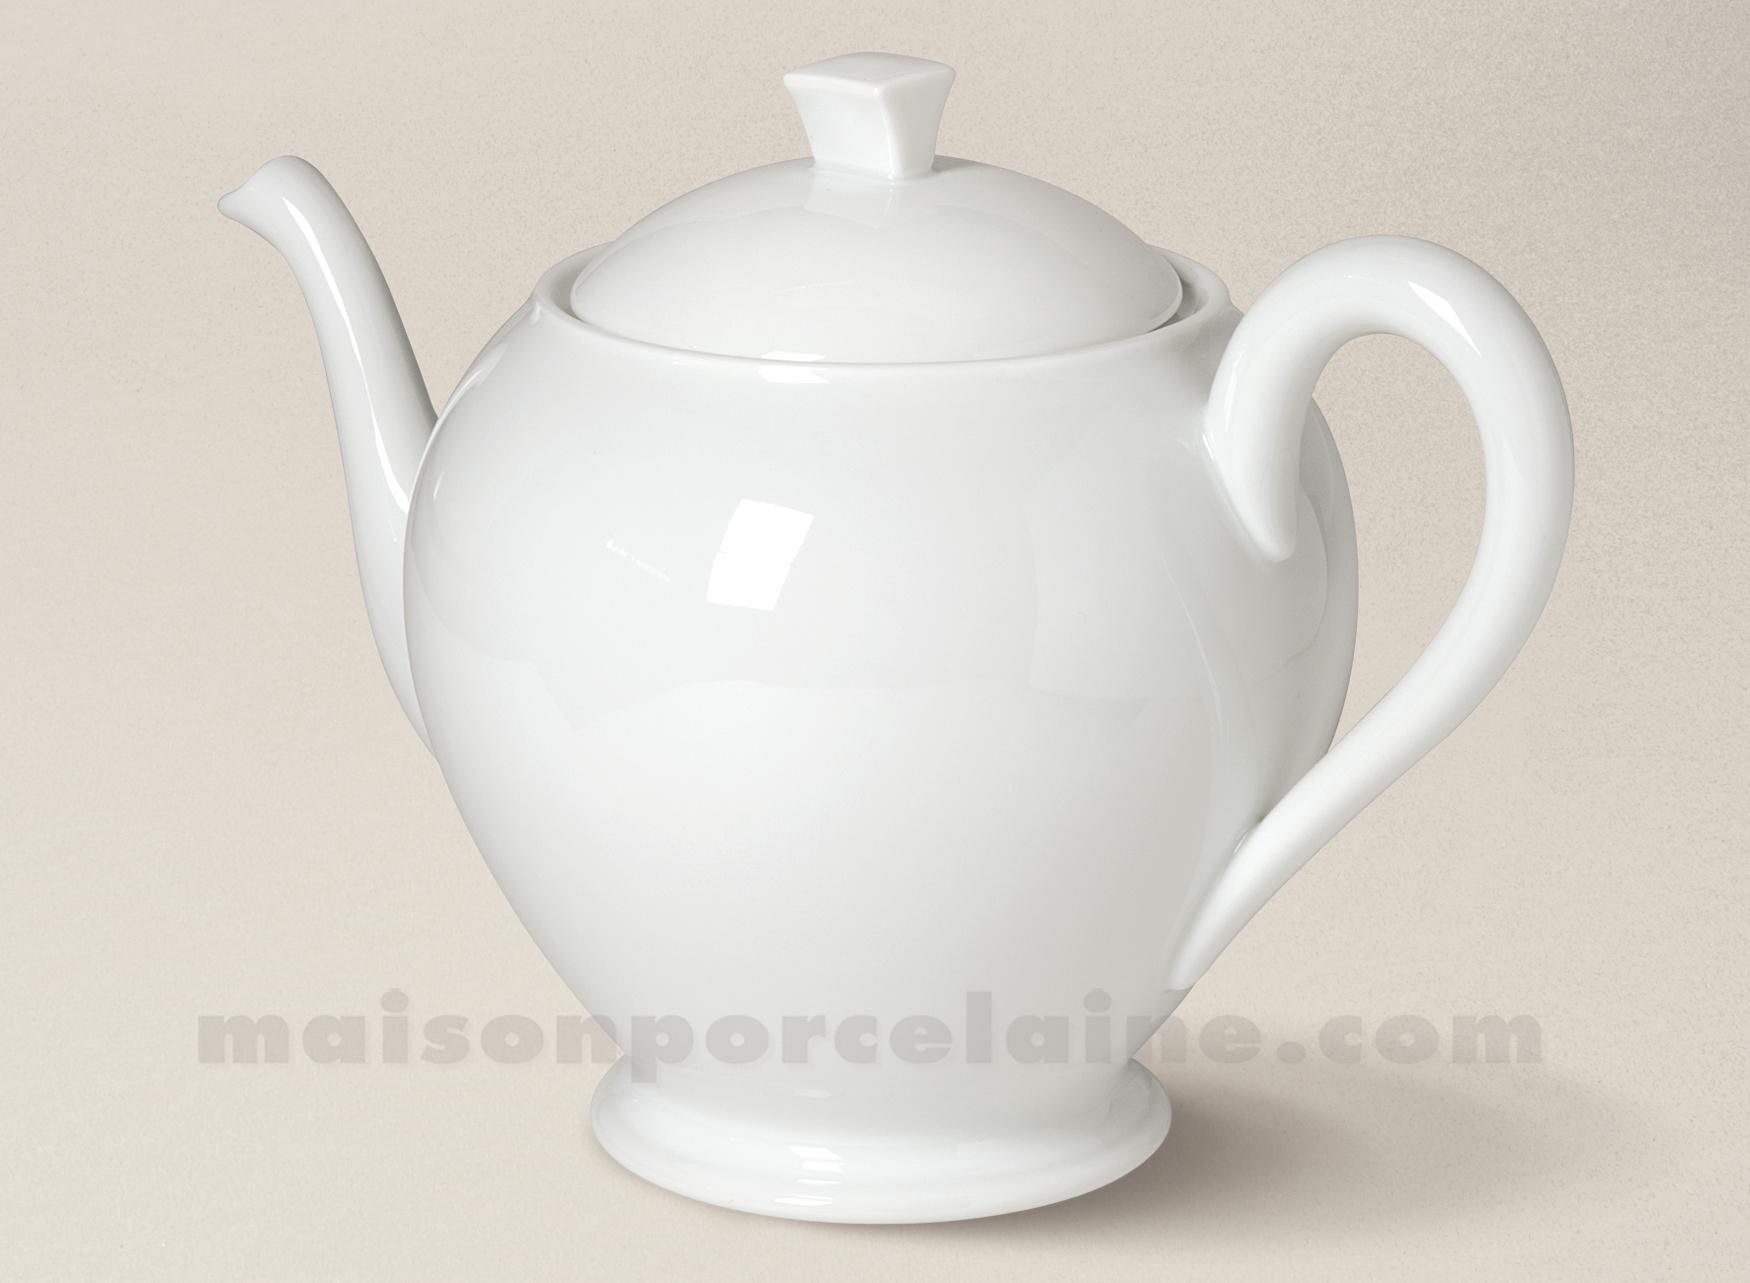 theiere porcelaine blanche limoges boule orient 25 5x17 5. Black Bedroom Furniture Sets. Home Design Ideas